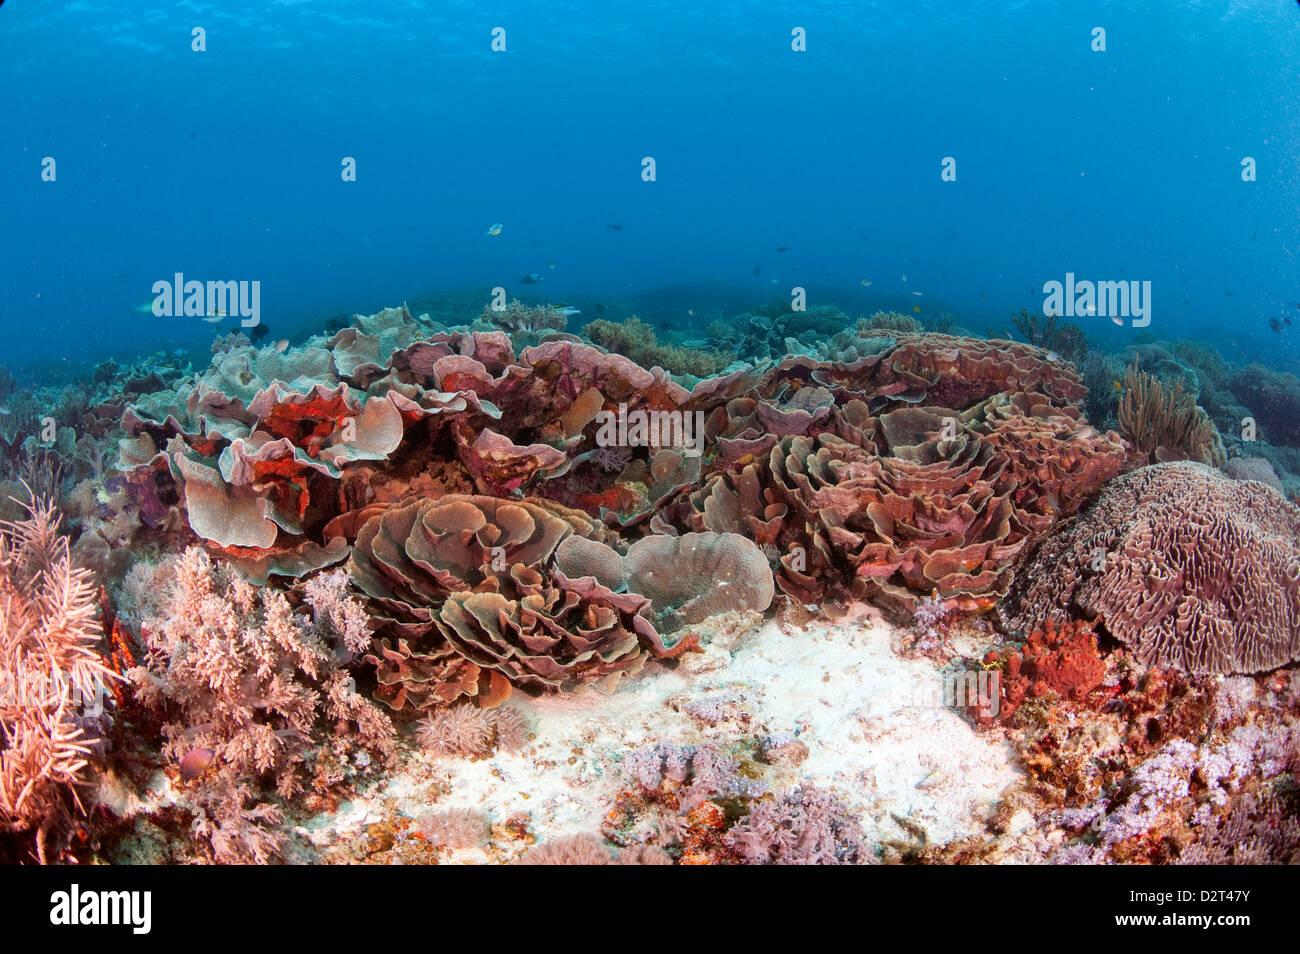 Turbinaria reniformis corallo duro, Komodo, Indonesia, Asia sud-orientale, Asia Immagini Stock